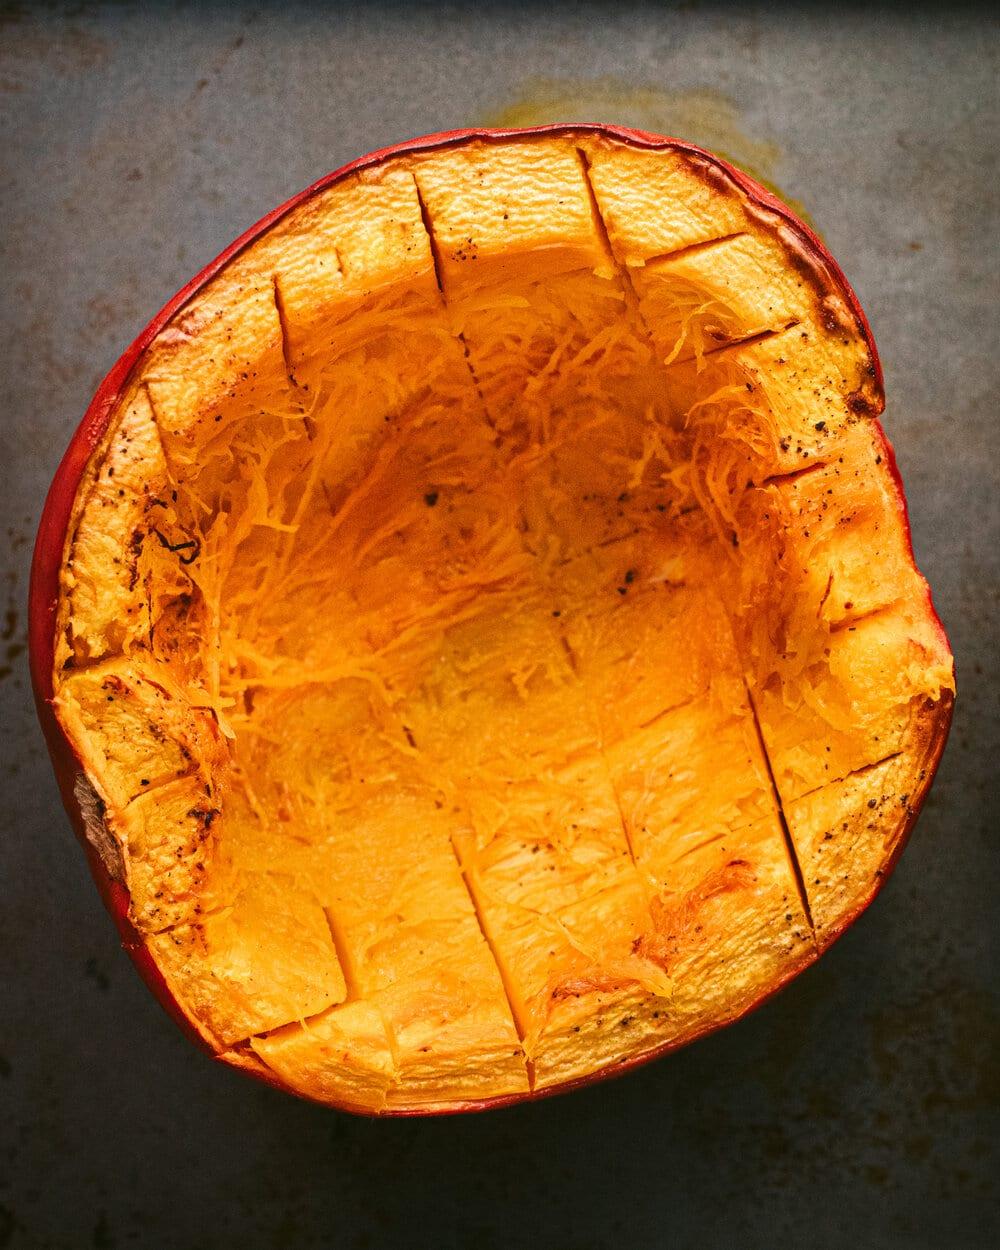 scored pumpkin